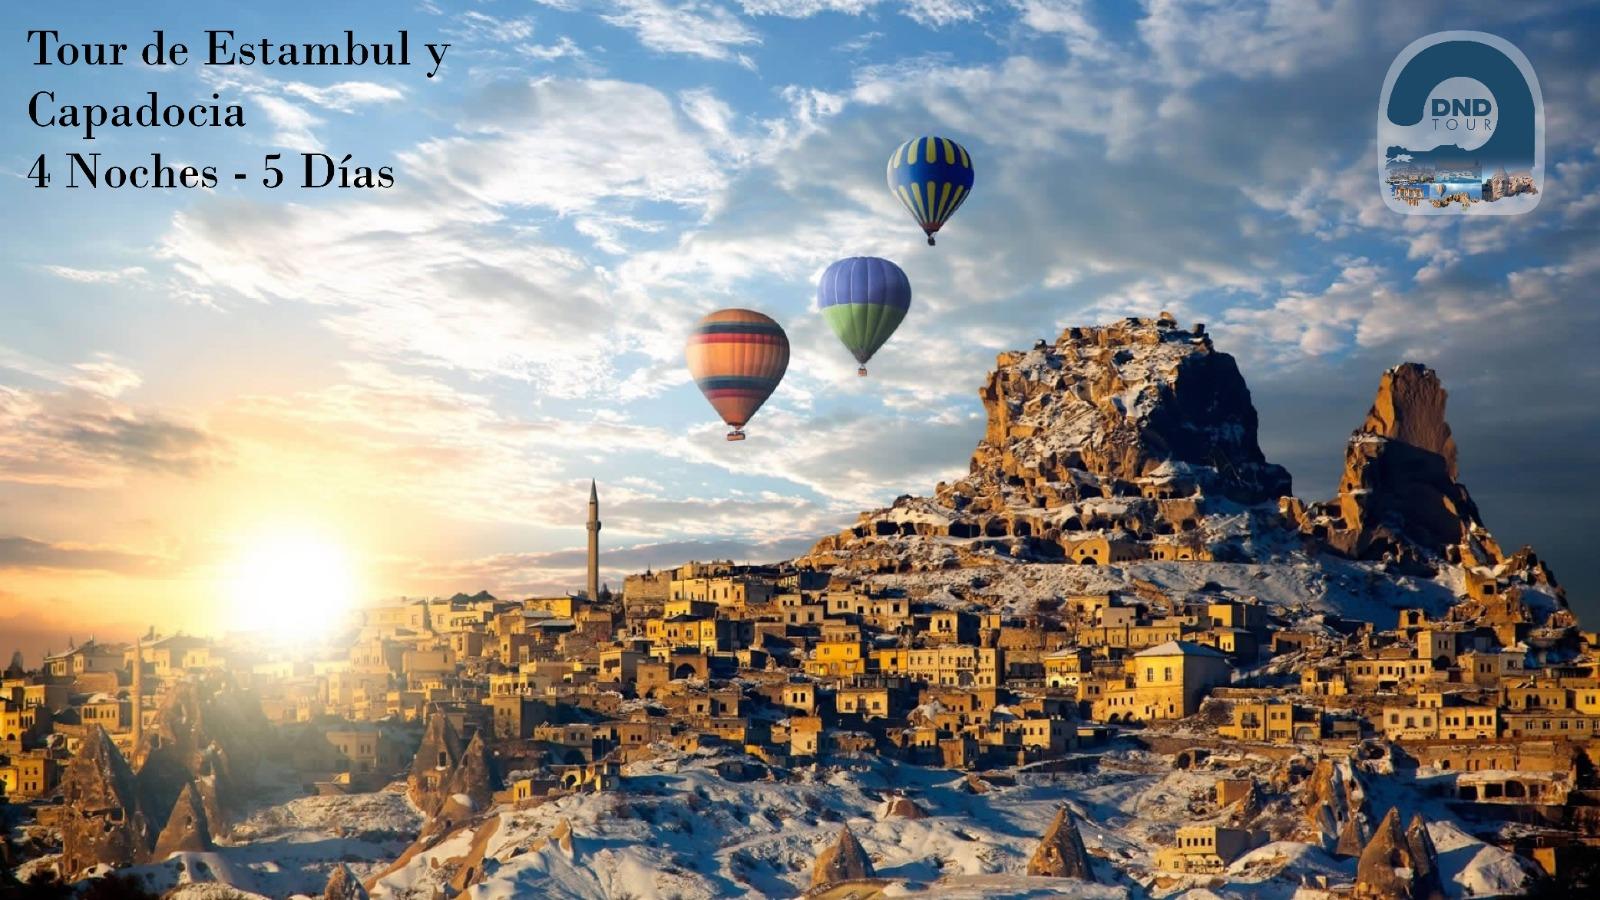 Tour de Estambul y Capadocia